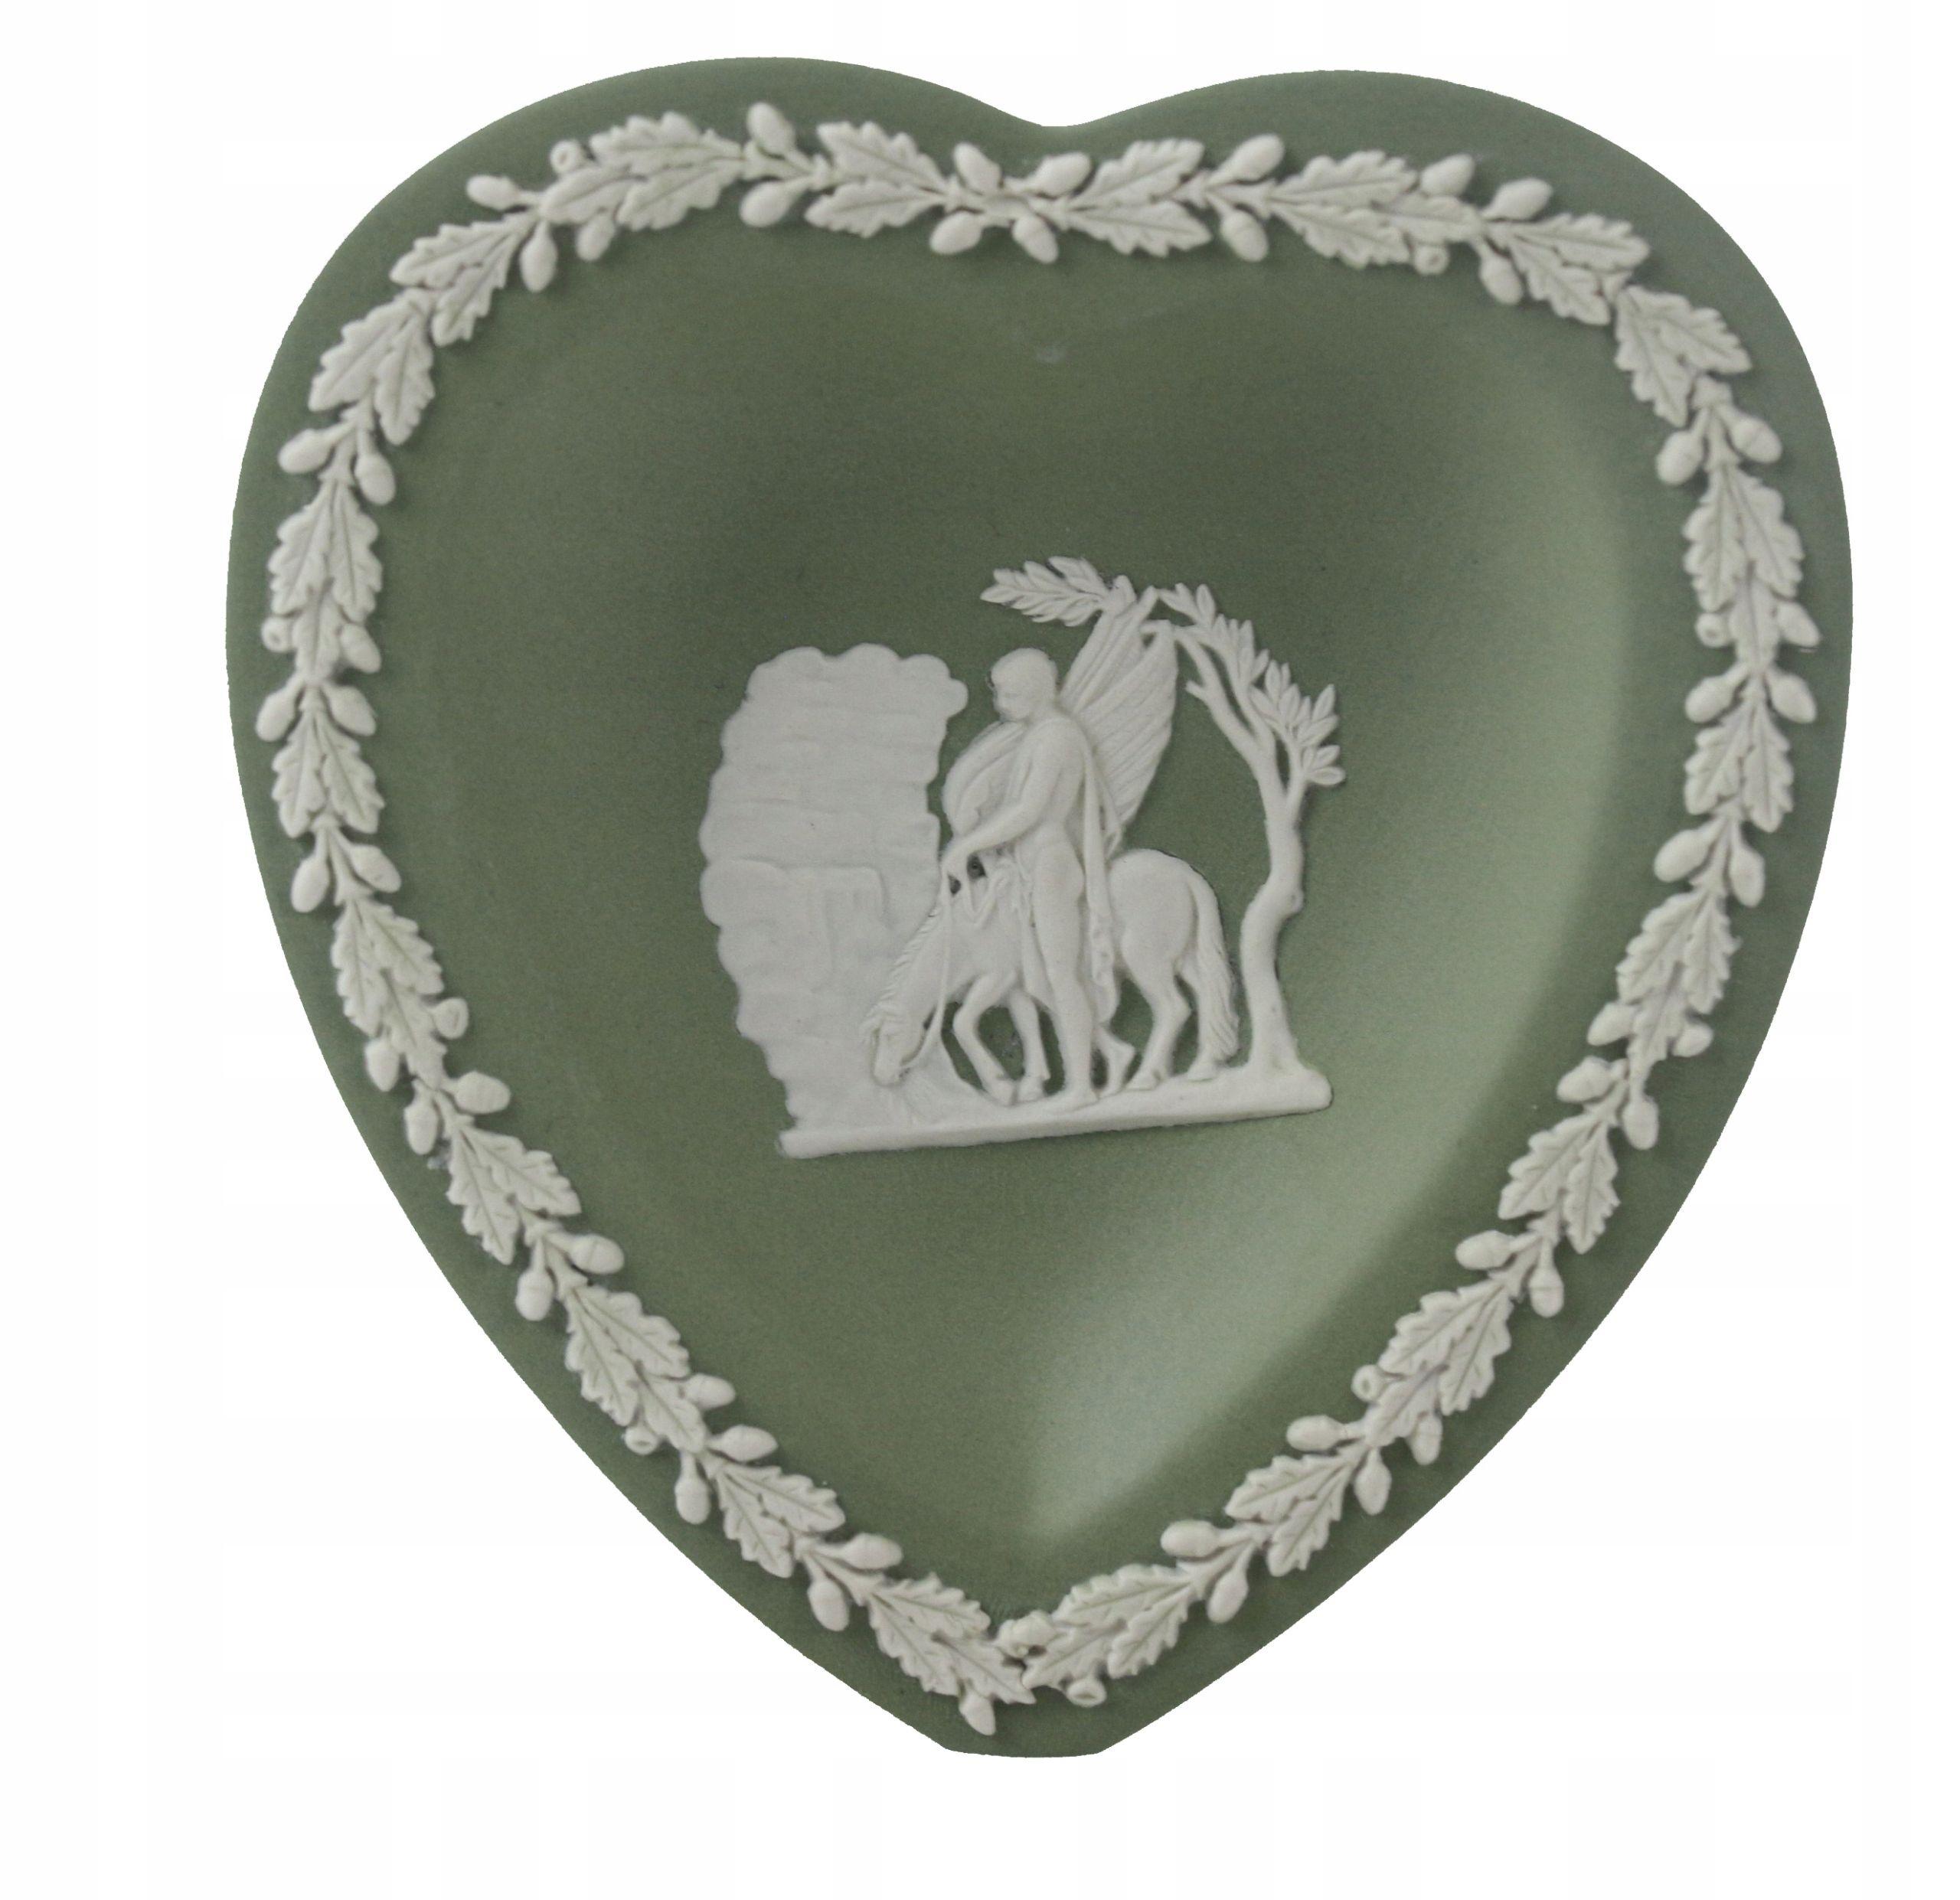 Antyk Talerzyk Serce Wedgwood 7713963459 Oficjalne Archiwum Allegro Decorative Plates Decor Plates